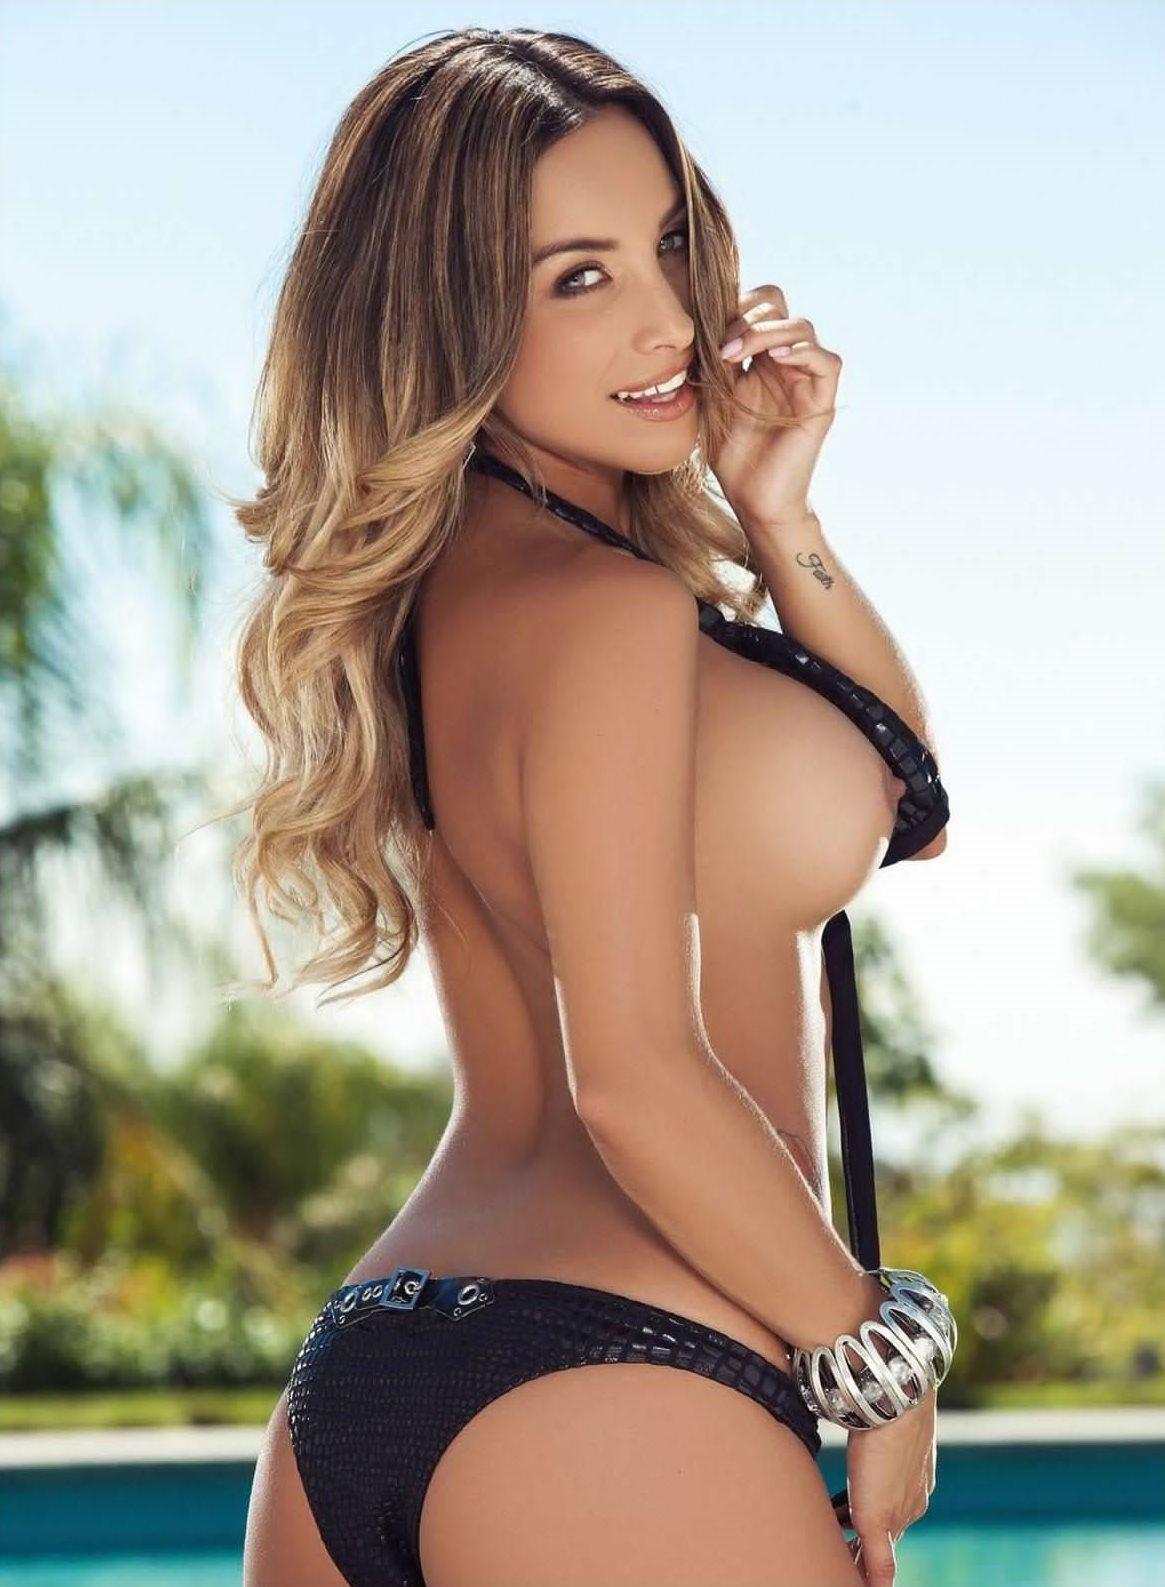 Yesenia Bustillo / Playboy